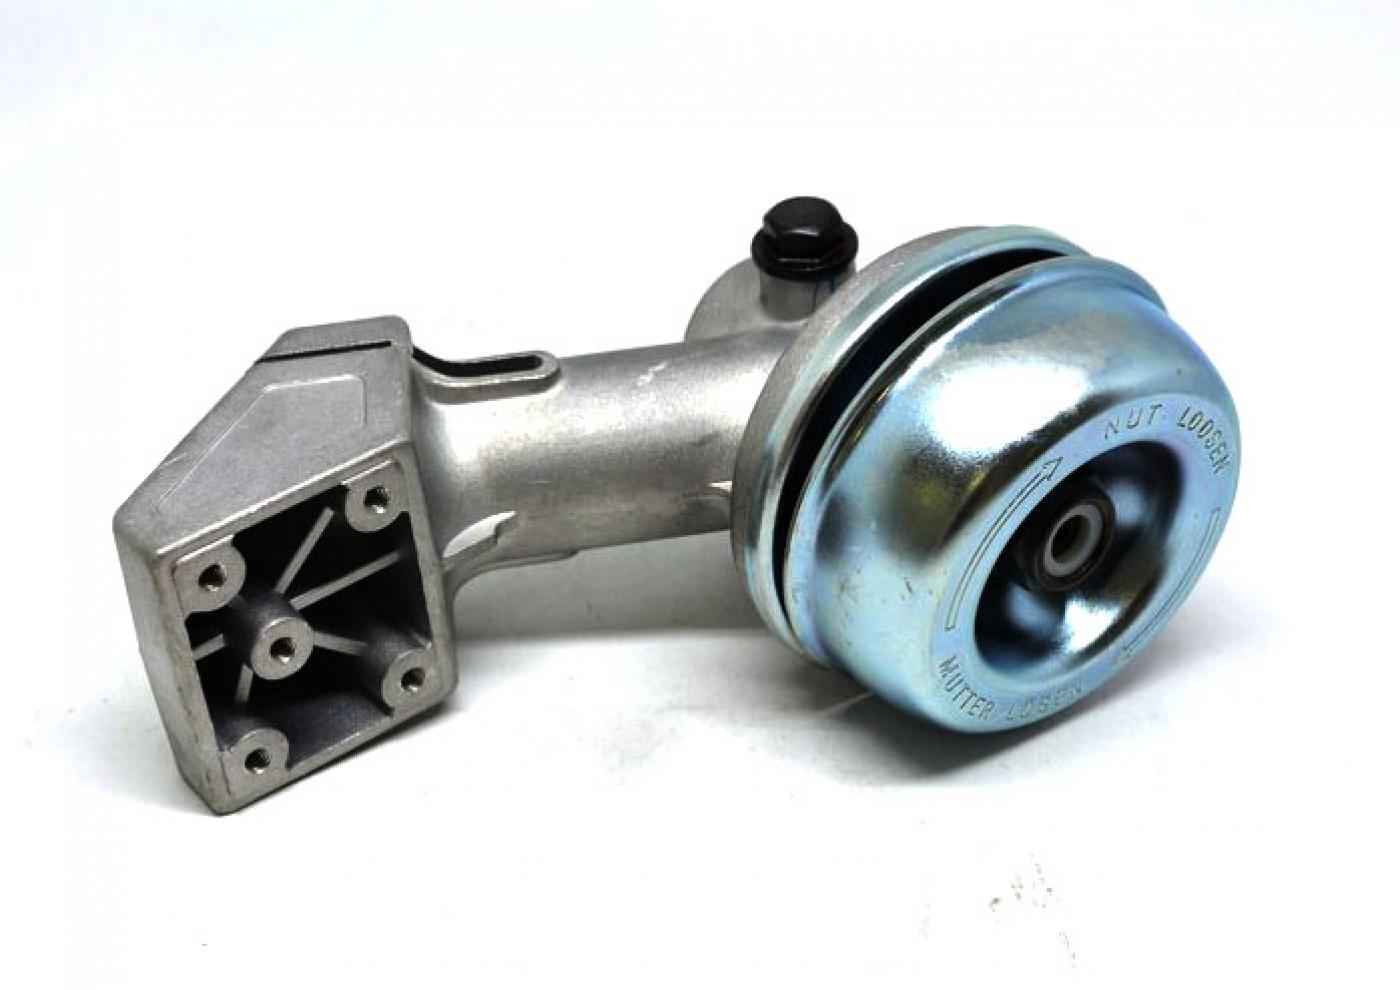 Prevodová hlava pre krovinorezy Stihl modely od FS25 až FS 250